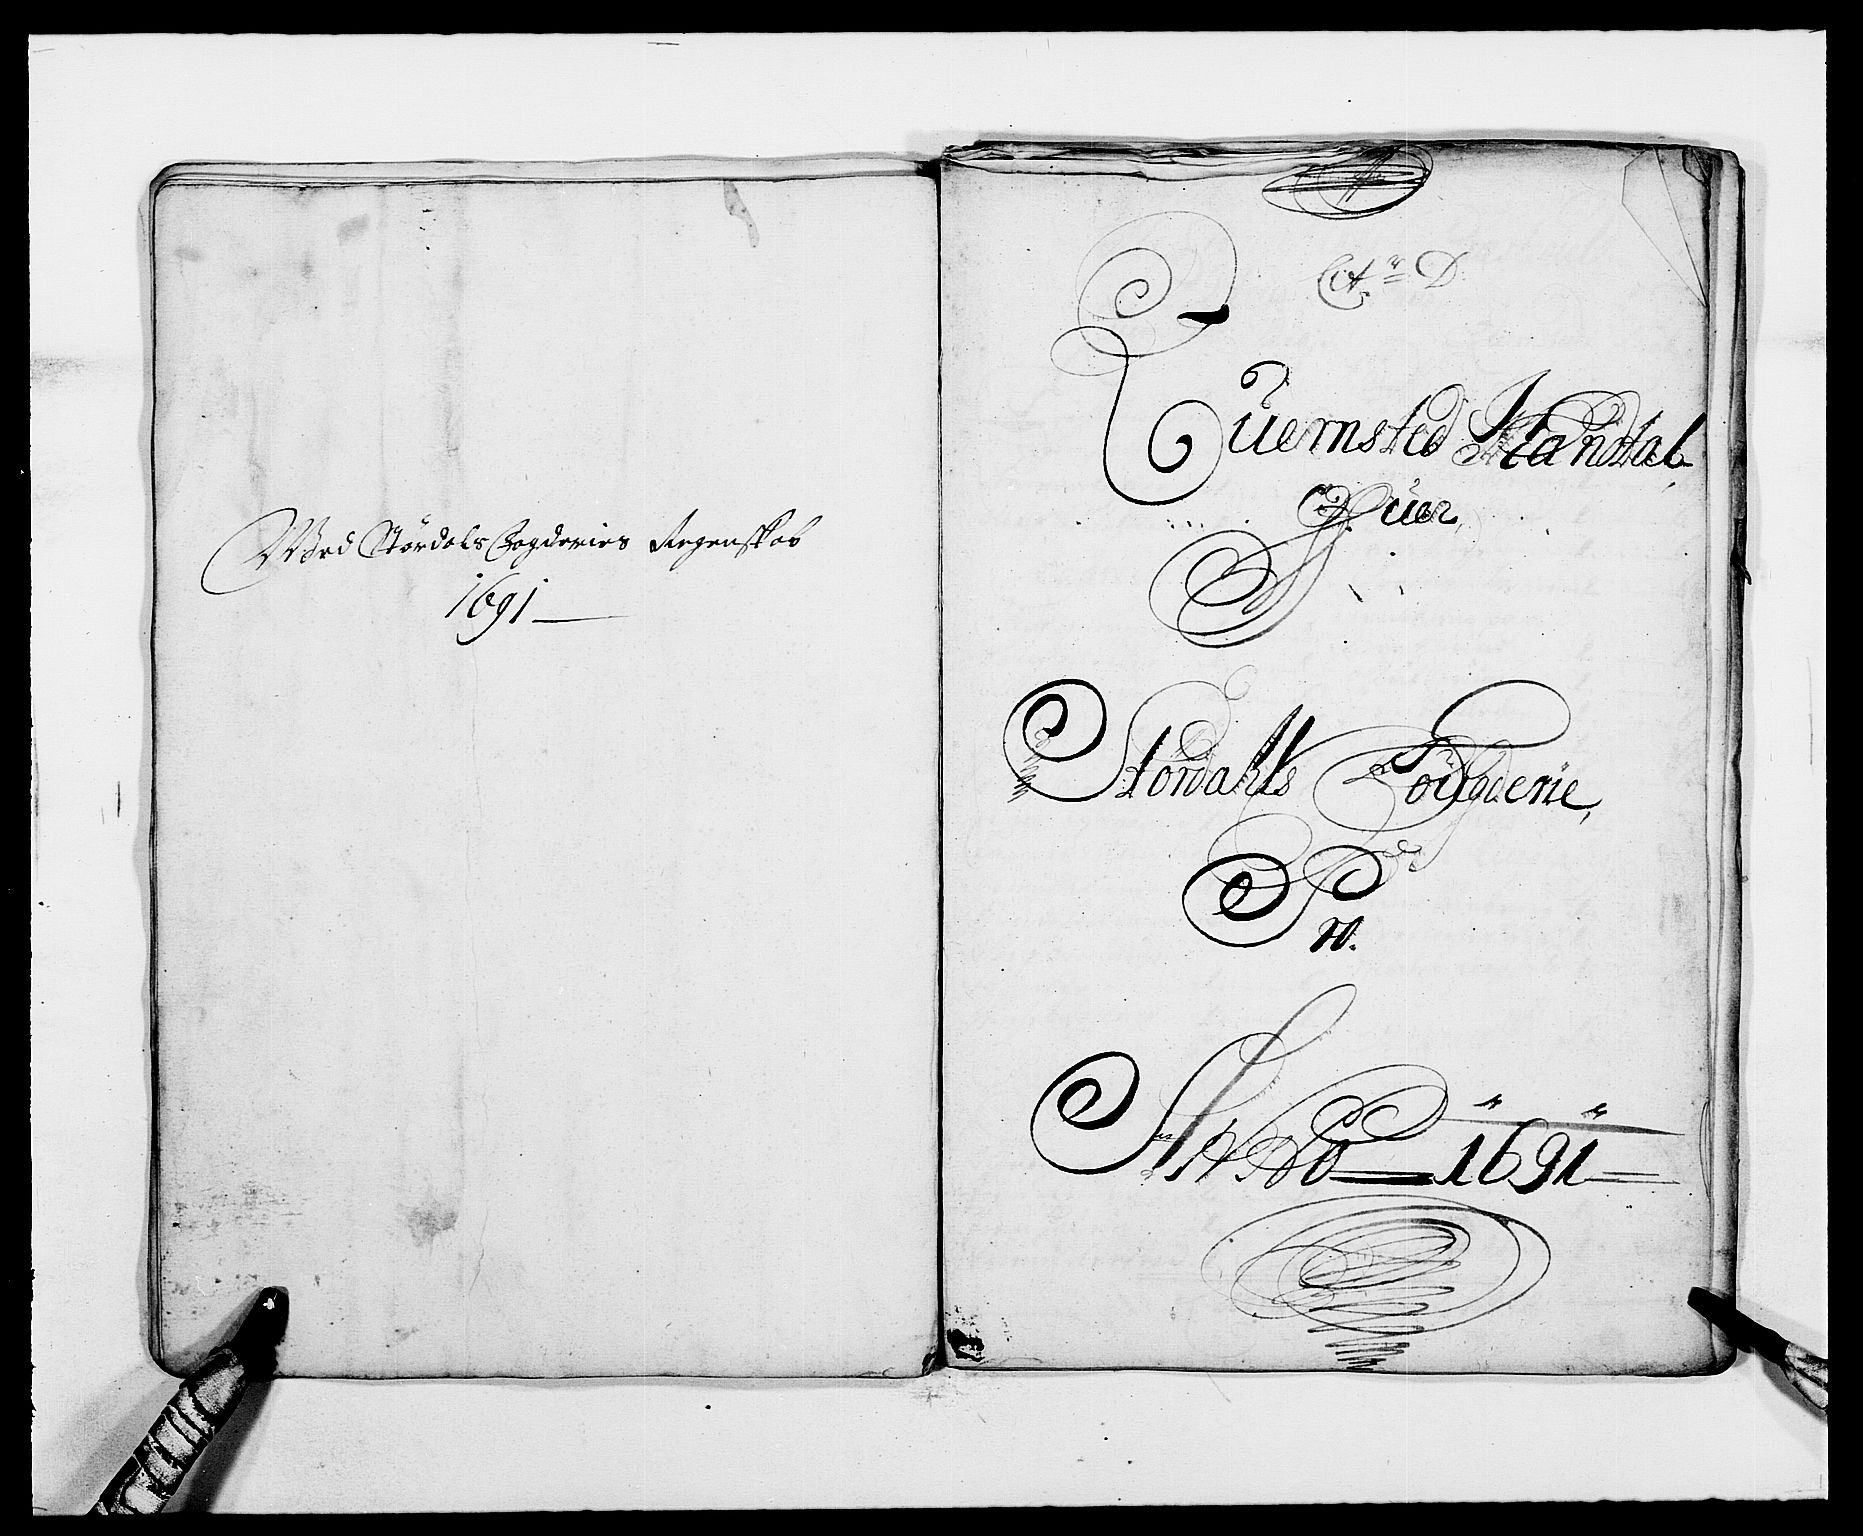 RA, Rentekammeret inntil 1814, Reviderte regnskaper, Fogderegnskap, R62/L4184: Fogderegnskap Stjørdal og Verdal, 1690-1691, s. 314